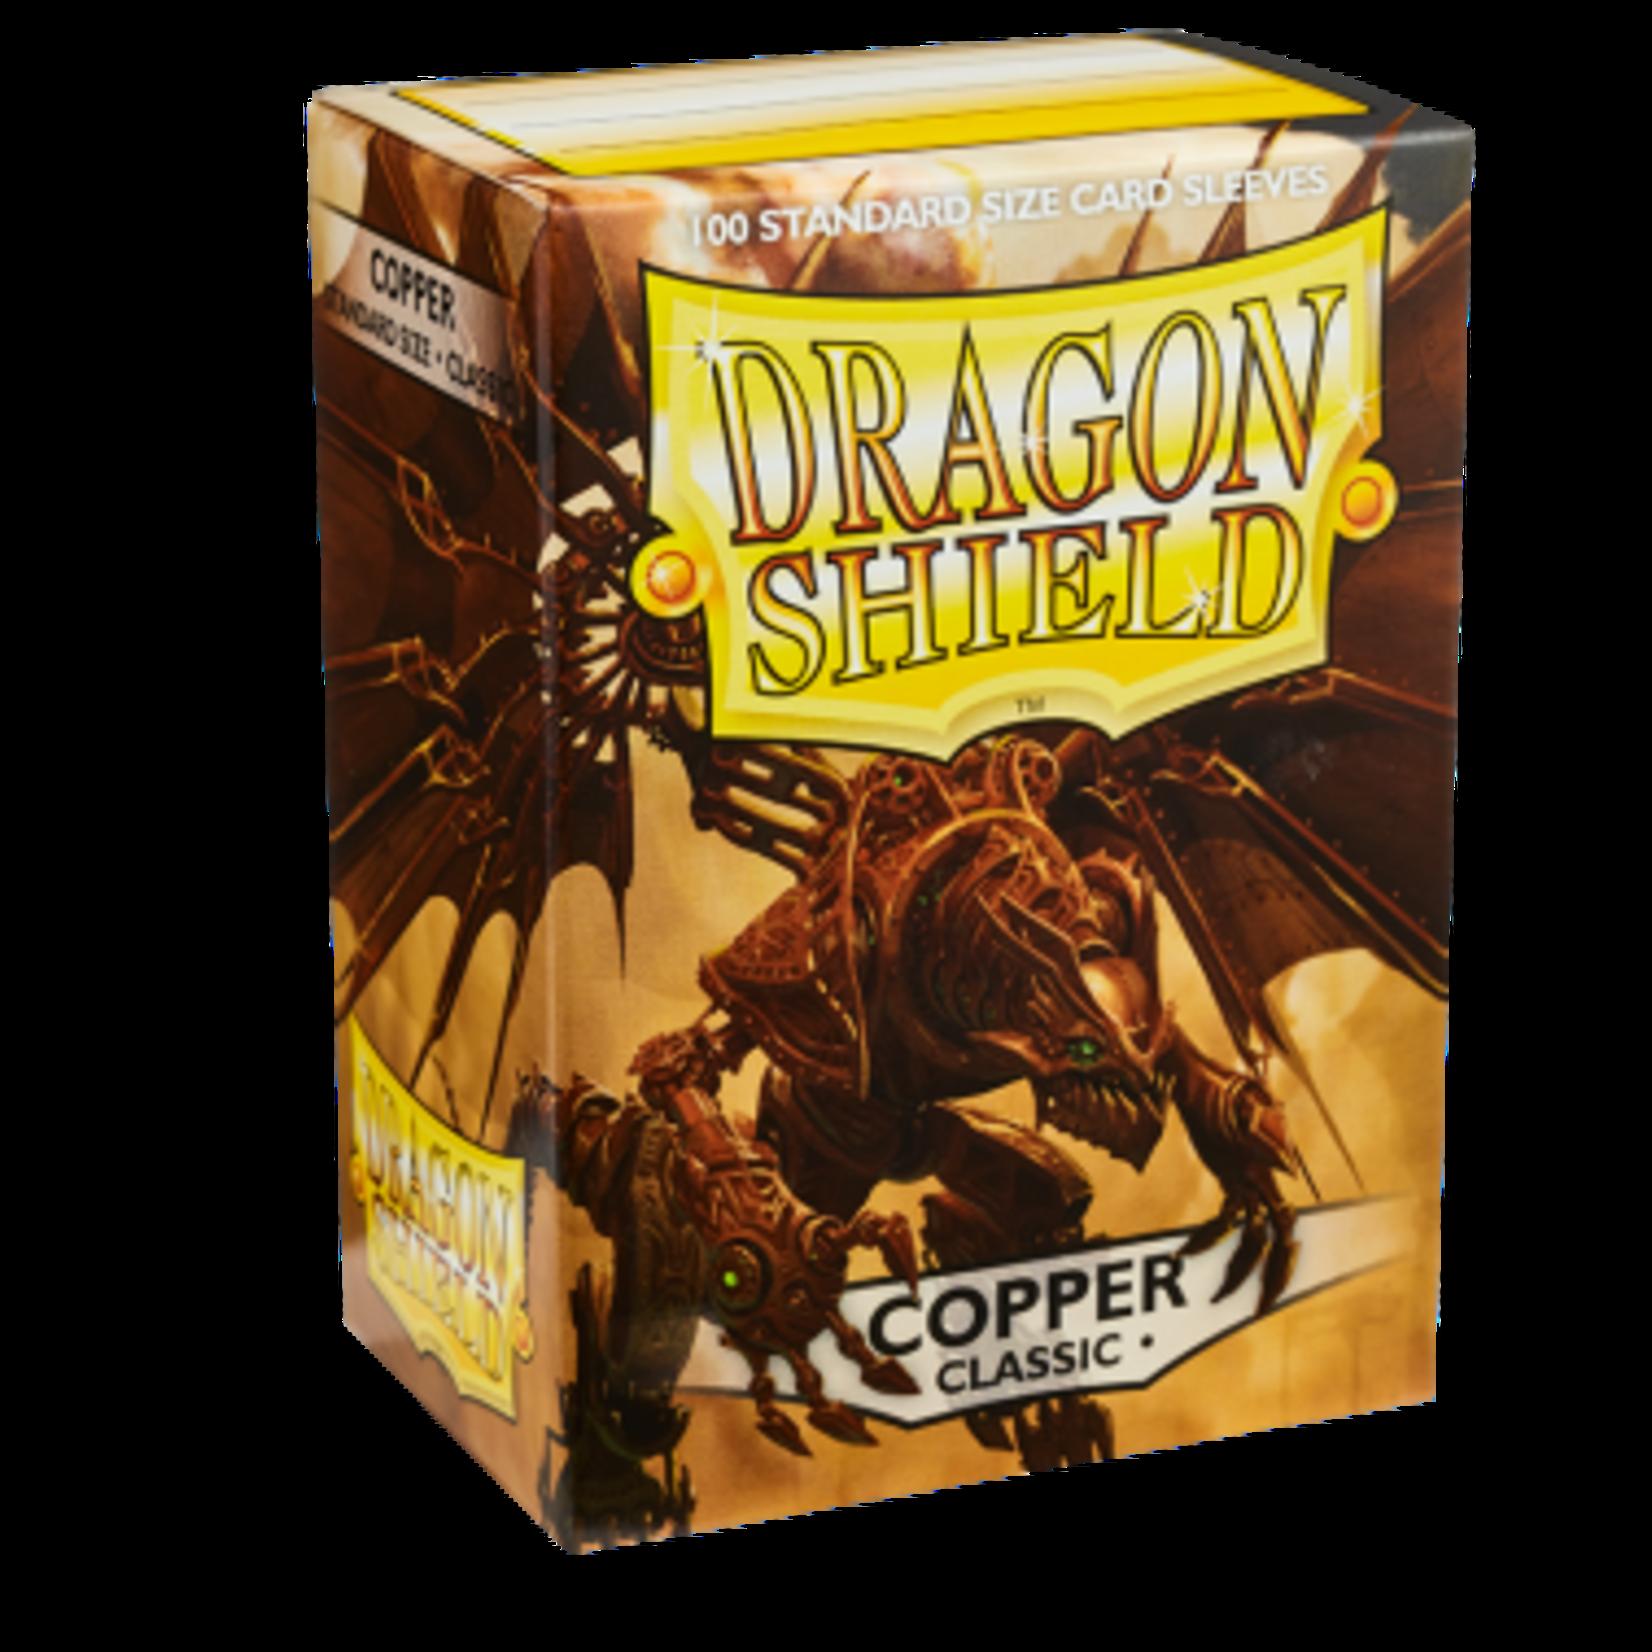 Arcane Tinmen Dragon Shield Classic Copper